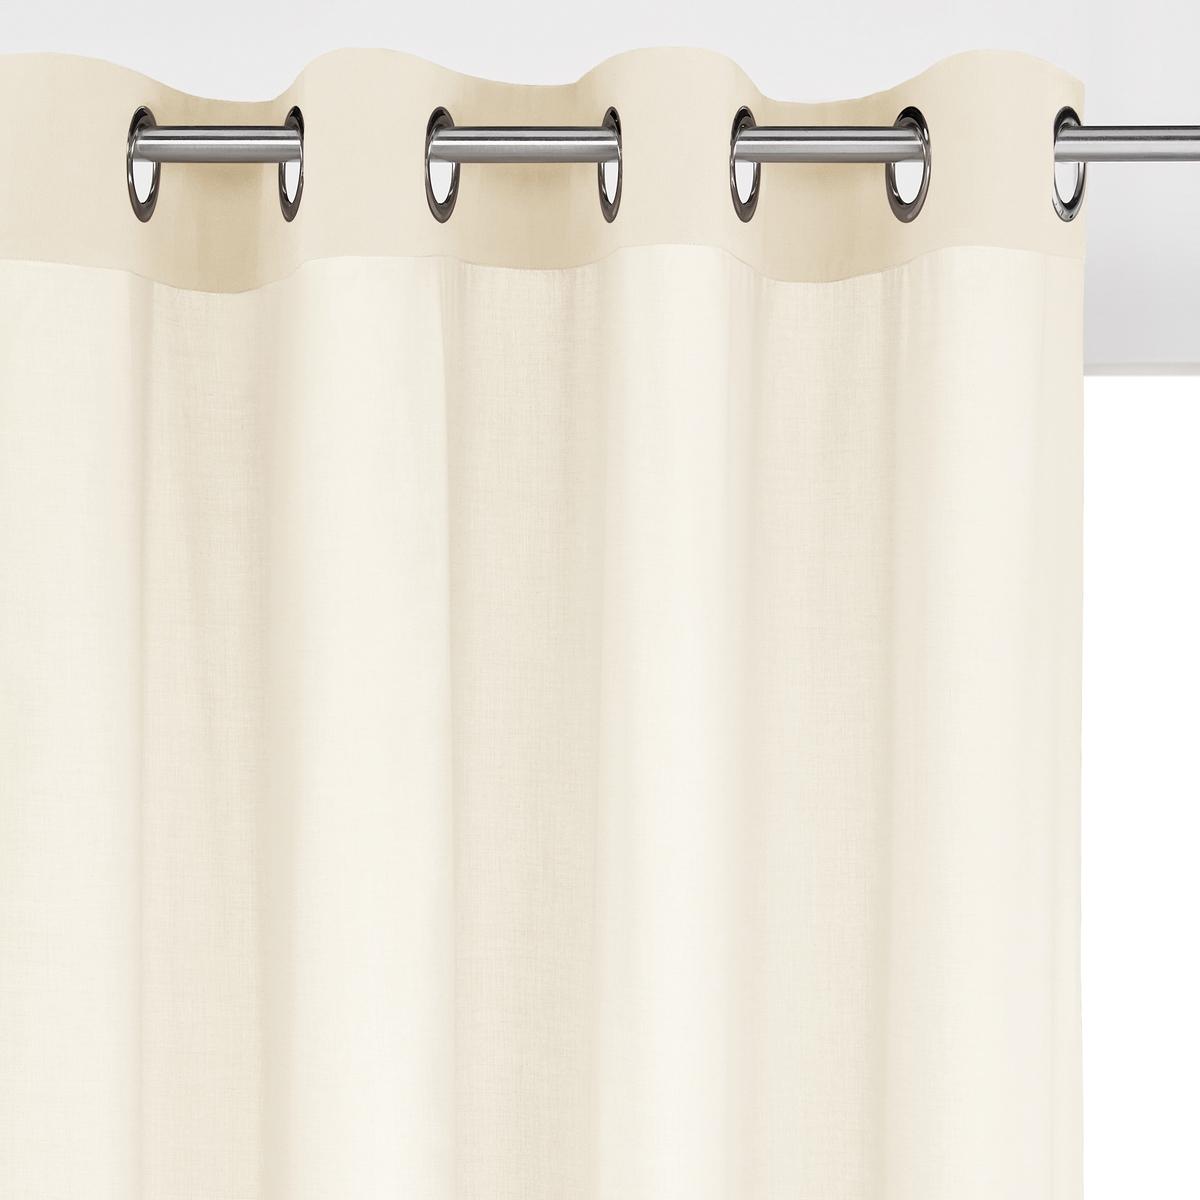 Занавеска La Redoute С люверсами из хлопка SCENARIO 180 x 135 см белый штора двухцветная с люверсами 100